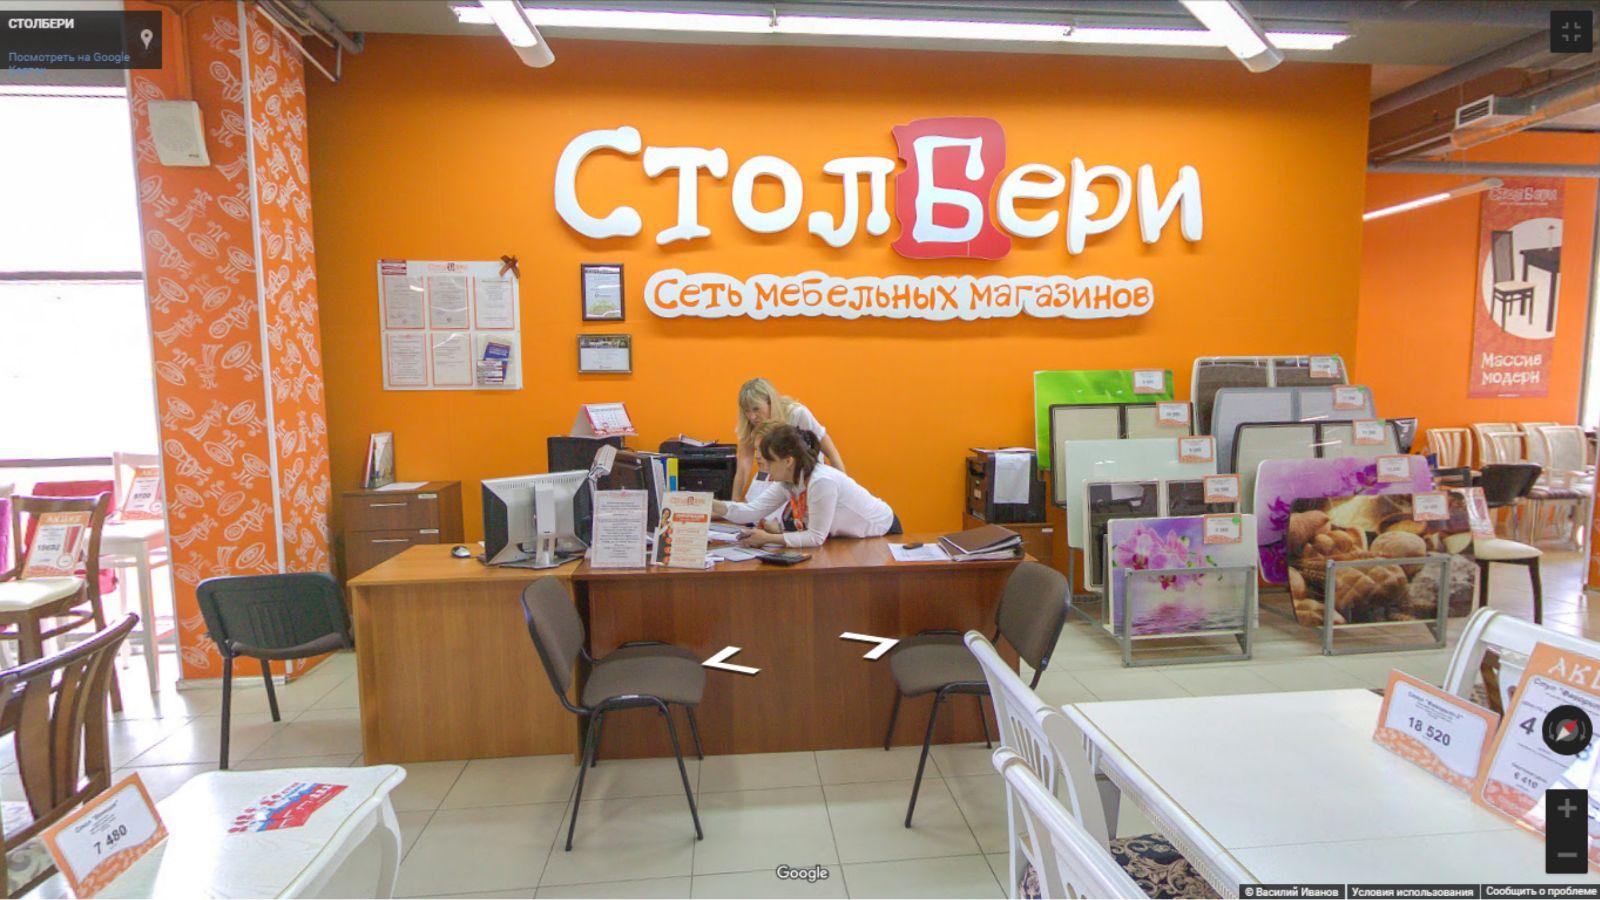 Франчайзинговый мебельный магазин город Москва, прибыль в месяц 1 700 000 рублей. И еще 165 франчайзинговых мебельных магазинов по продаже столов и стульев для дома в 63 регионах России, ждем только именно Вас, приобретайте франшизу СтолБери - залог Вашей высокой прибыли и удачного инвестирования!